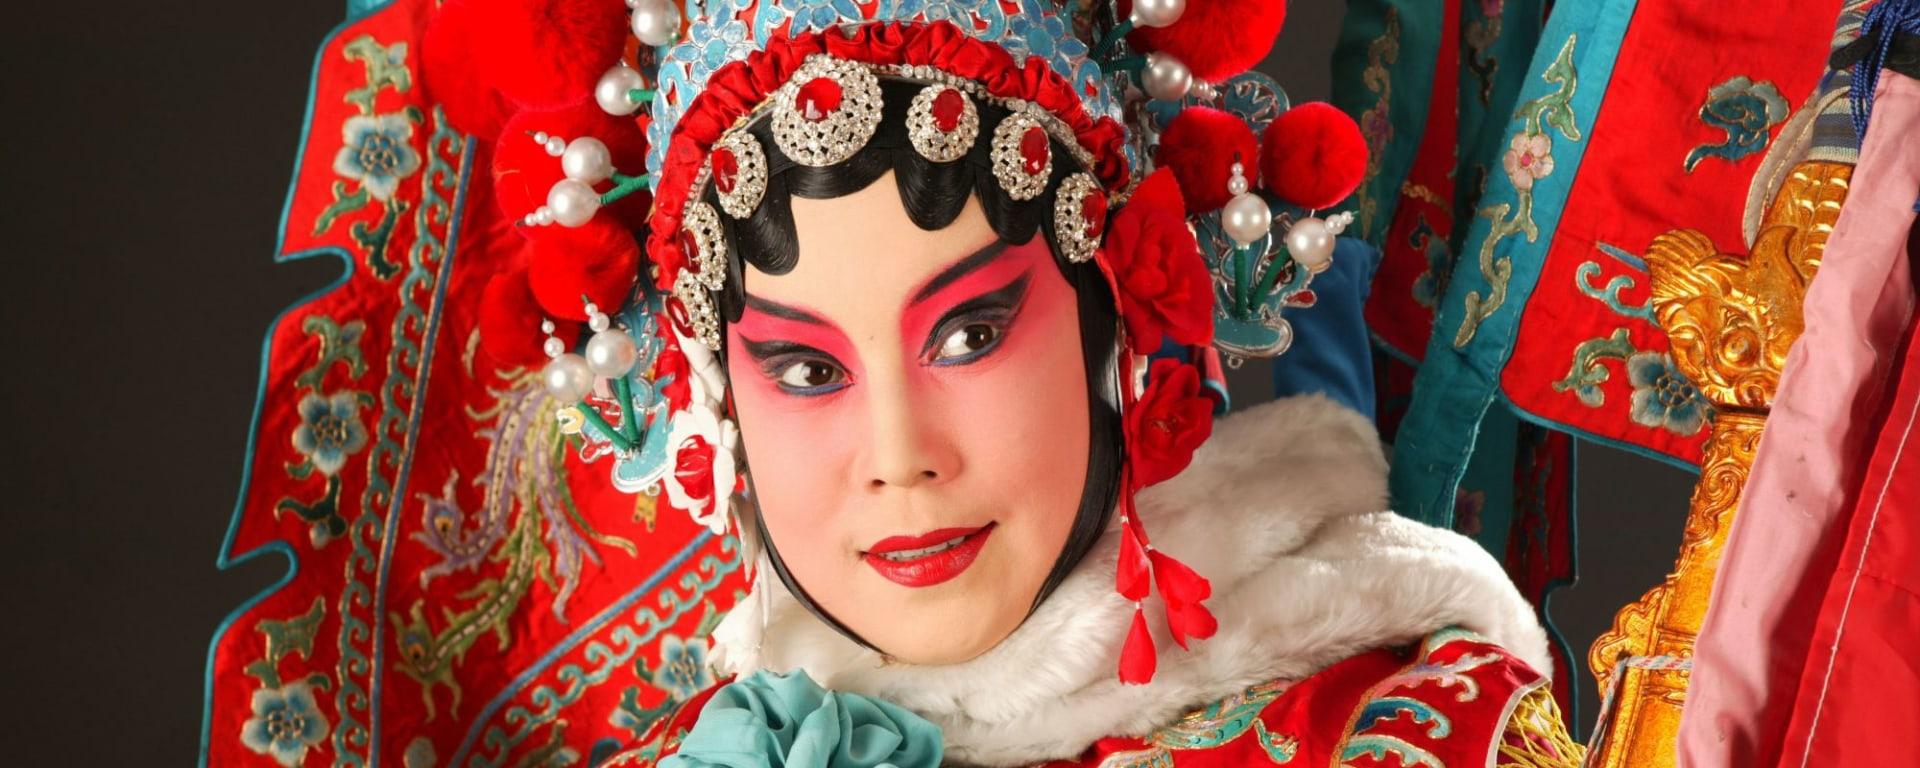 Opéra de Pékin: Beijing Opera